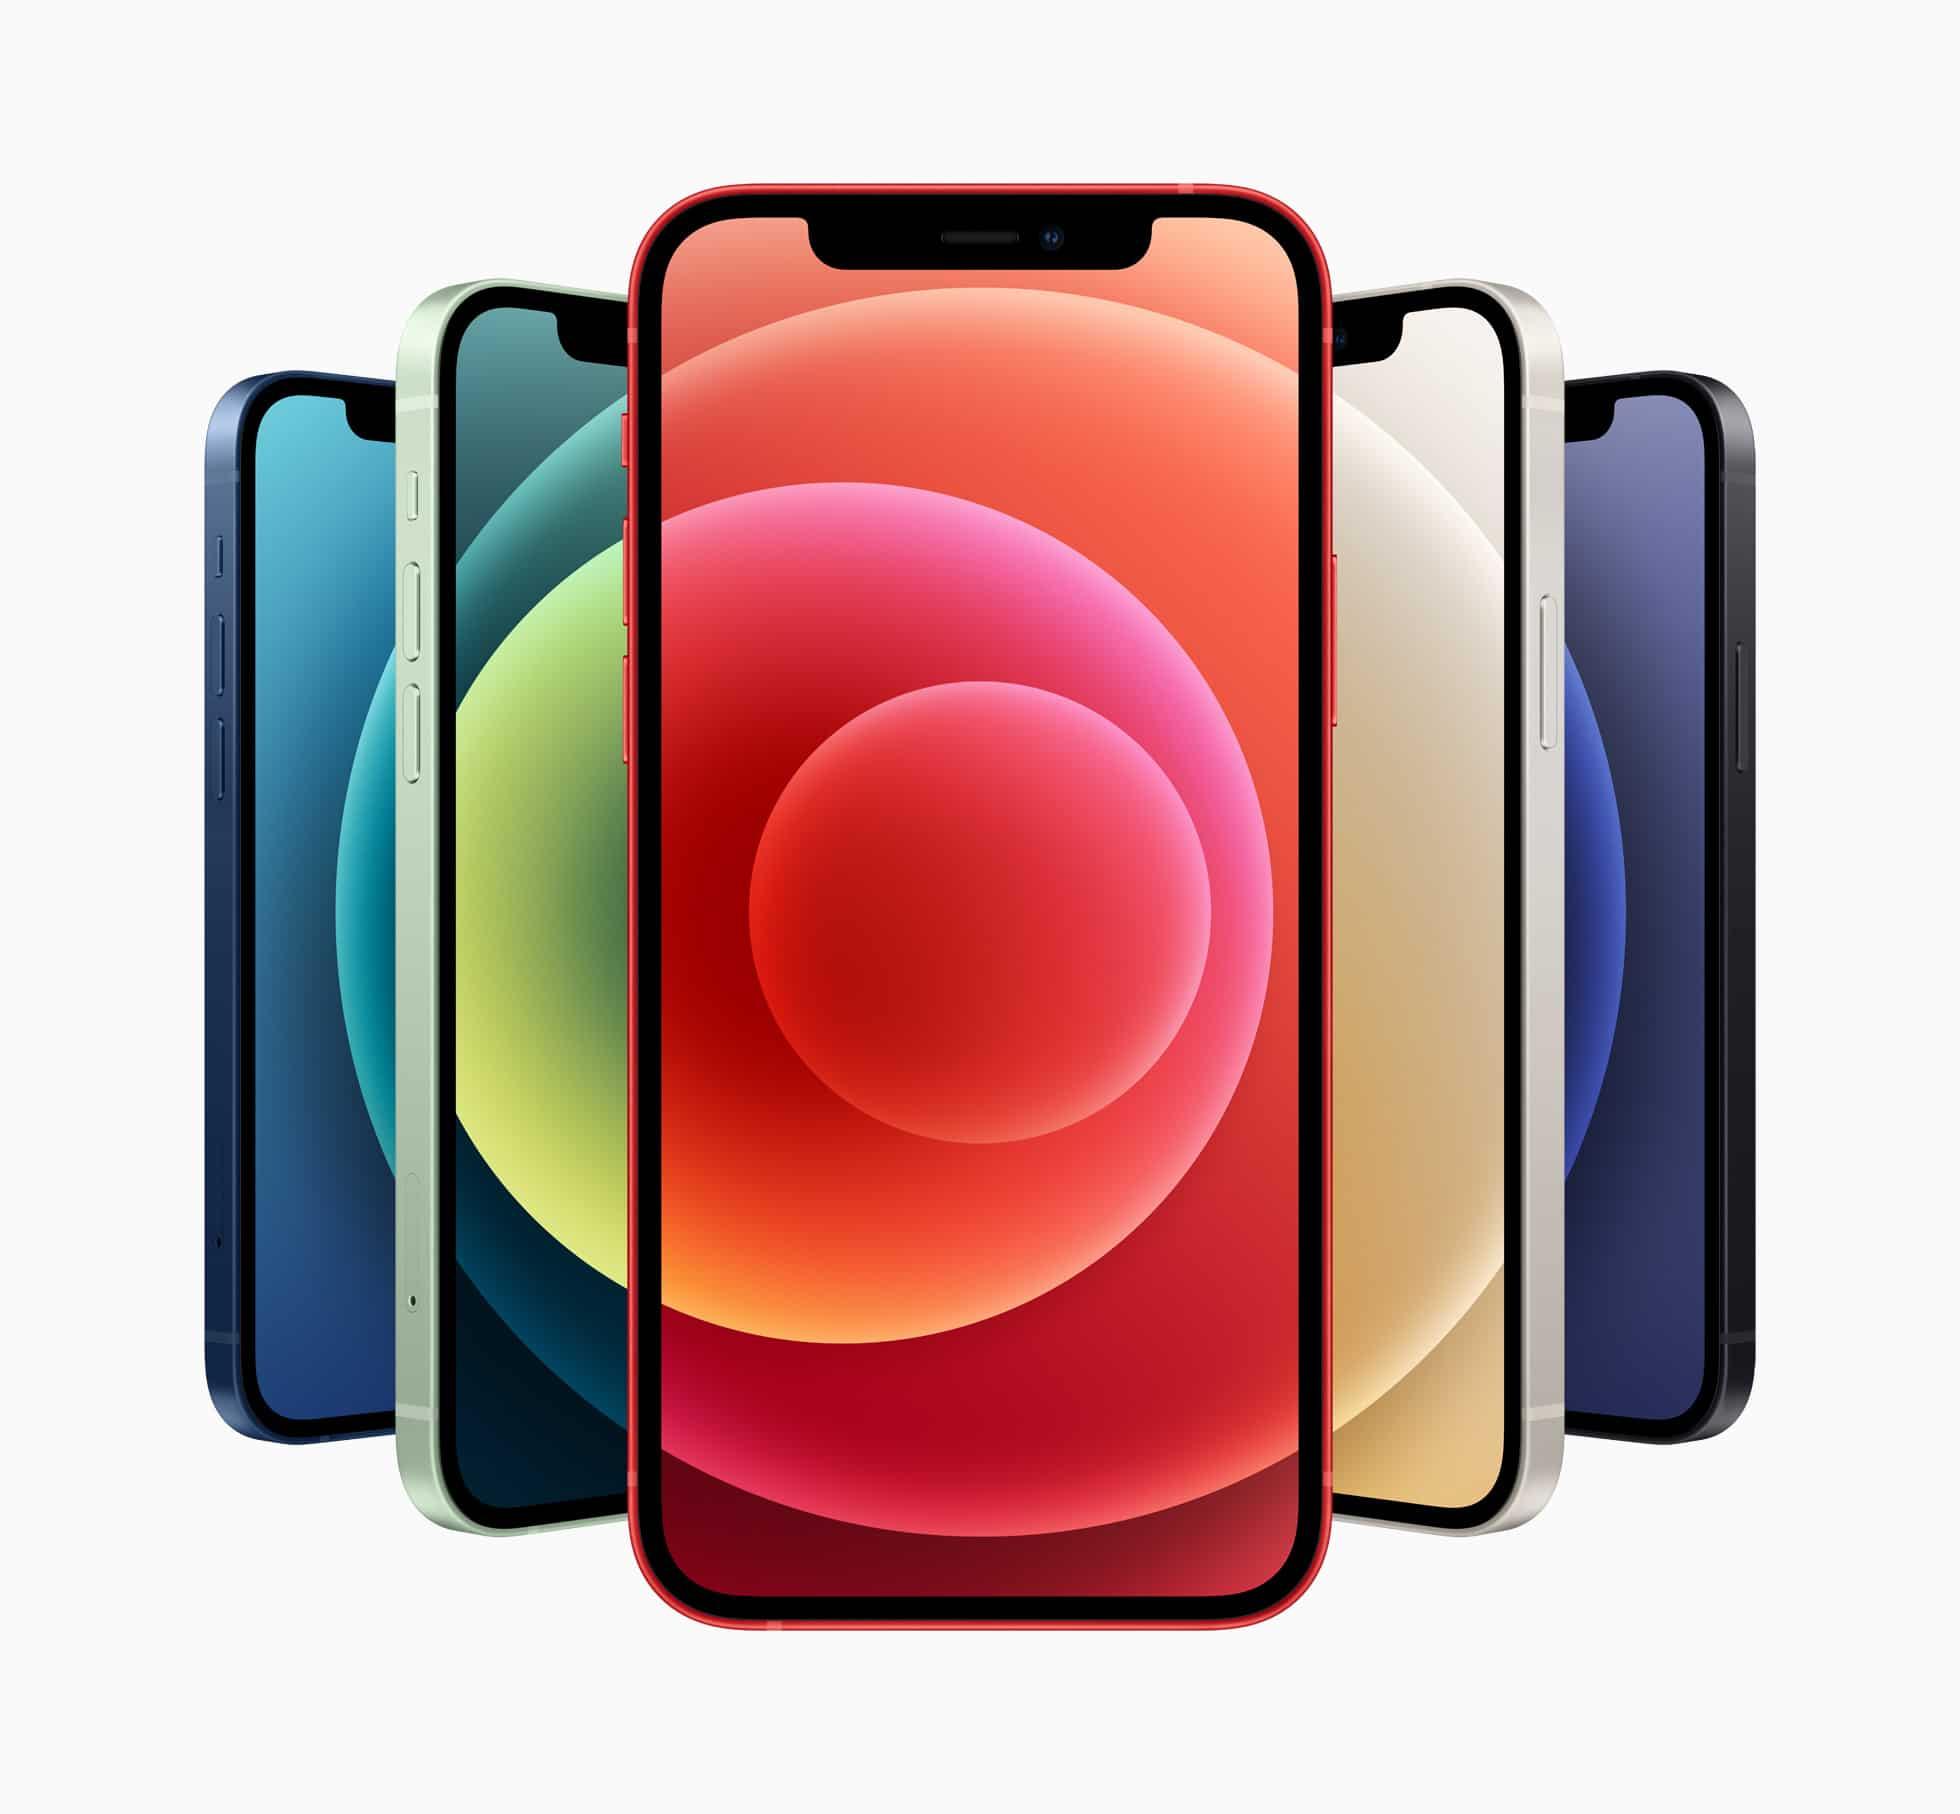 """Mẫu iPhone """"thần thánh"""" hơn cả iPhone 11, giá cũng đang giảm rất mạnh - 1"""